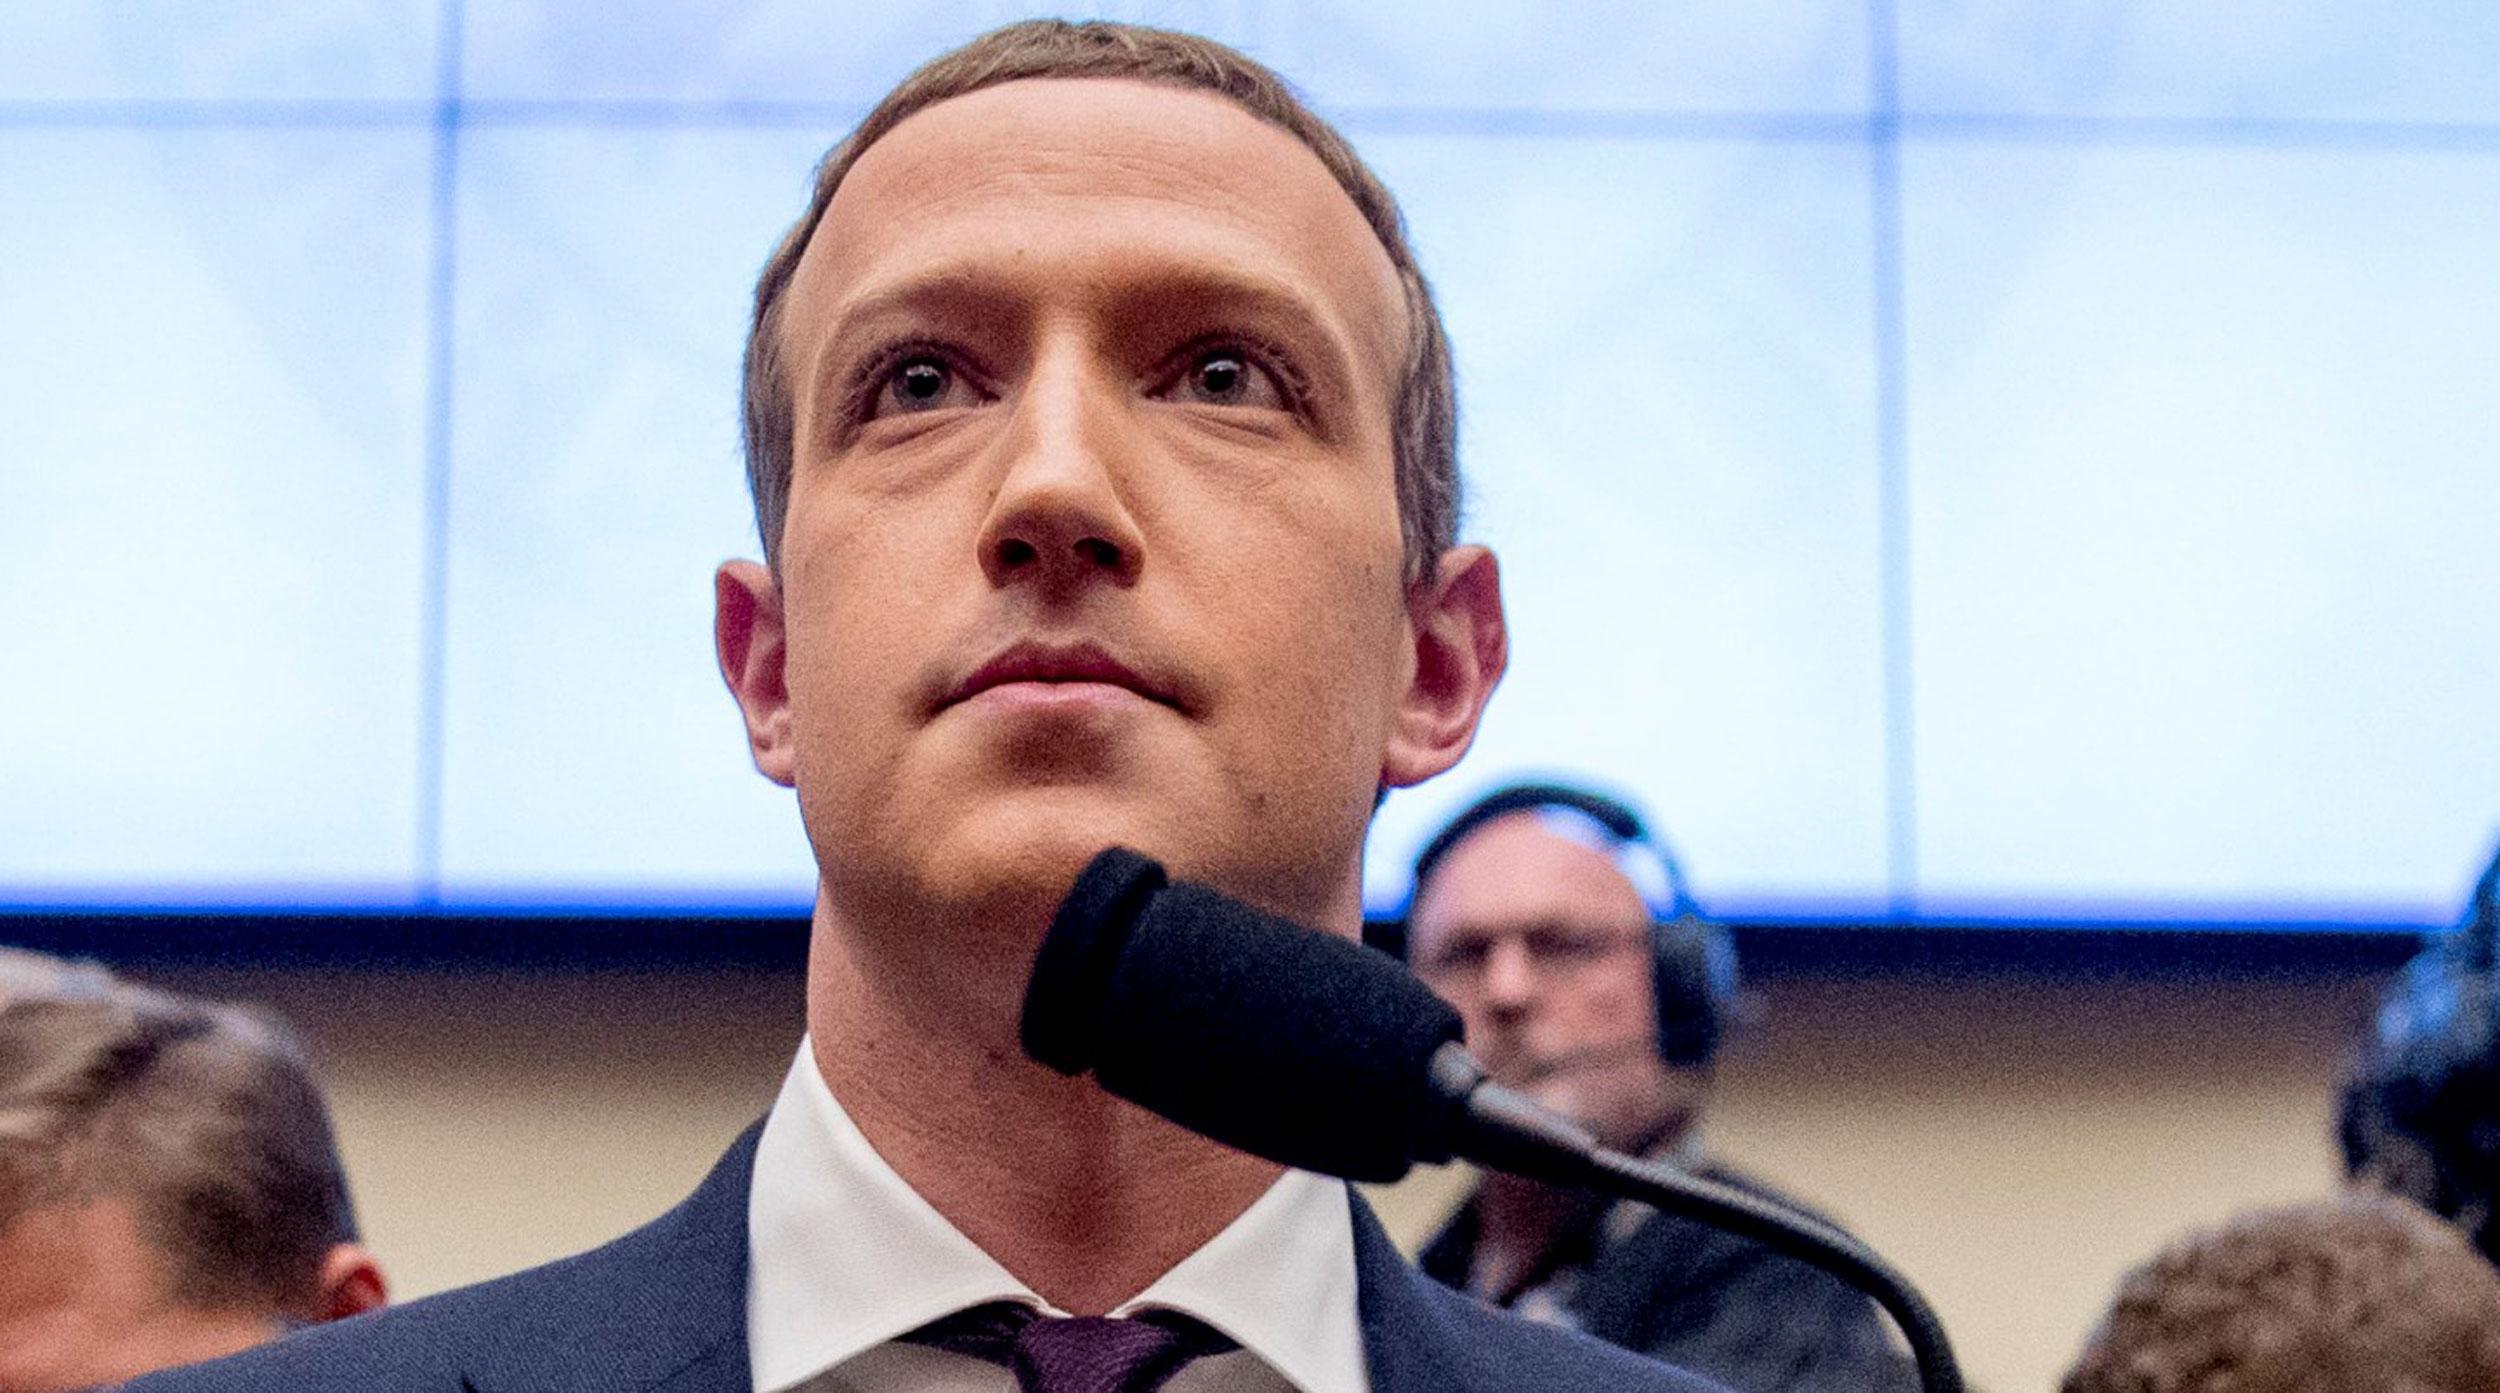 Un fallo de seguridad en Facebook activa la cámara del iPhone mientras el usuario navega por su muro